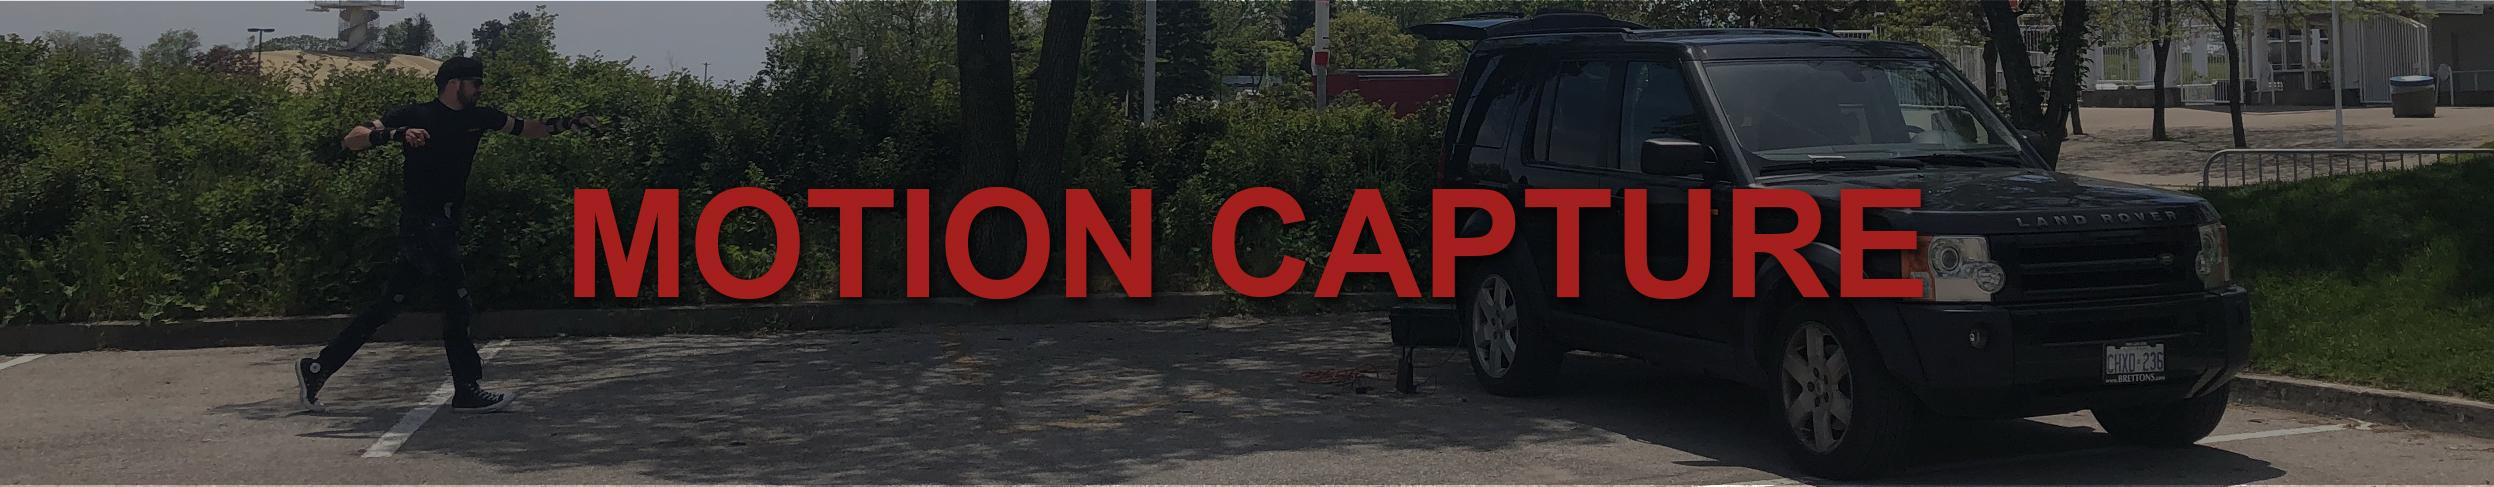 MoCap2